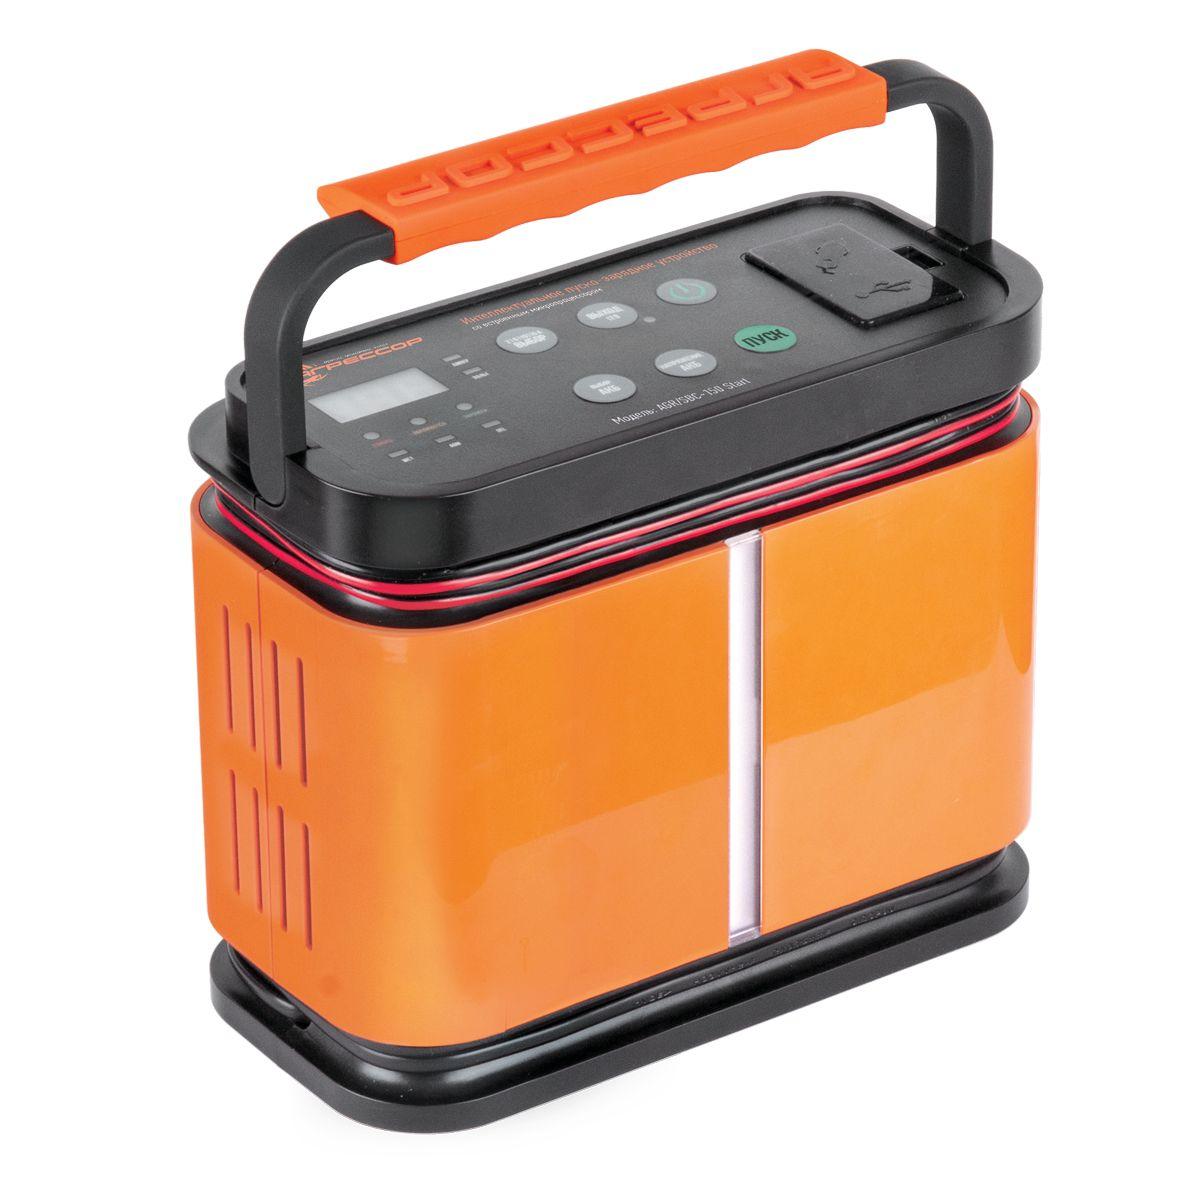 Устройство зарядное цифровое Autoprofi Агрессор AGR/SBC-150 Start, 9 фаз зарядки, ток 2/6/10/15 А15117518Зарядное устройство Autoprofi Агрессор AGR/SBC-150 Start компактно и эргономично: все провода помещаются в специальных нишах, ручка складывается, размеры позволяют без труда разместить его в автомобиле или гараже. Устройство подходит для зарядки всех типов свинцово-кислотных батарей напряжением 12 В. Кроме того, оно заряжает электронные устройства (смартфоны, телефоны, фотоаппараты, плееры и пр.) через встроенные USB- порт или сеть 12 В.Устройство имеет усовершенствованную 9-ступенчатую систему зарядки и встроенный микропроцессор. Это, соответственно, сокращает время зарядки, обеспечивает безопасность и защиту от ошибок. Функция 5-минутной зарядки позволяет устройству быстро передать на батарею заряд, необходимый для запуска двигателя.Есть возможность выбрать оптимальную силу тока, установив один из четырех режимов: 2/ 6/ 10/ 15 А. Для оптимальной зарядки аккумуляторной батареи, в устройстве предусмотрена возможность установить тип АКБ: WET (жидкостный электролит), AGM (абсорбированный электролит), GEL (гелевый электролит).Autoprofi Агрессор AGR/SBC-150 Start работает как пусковое устройство при нажатии кнопки Пуск. После чего в течение 30 секунд на клеммы аккумуляторной батареи подается ток быстрой зарядки. Затем раздается сигнал, свидетельствующий о том, что можно запускать двигатель.